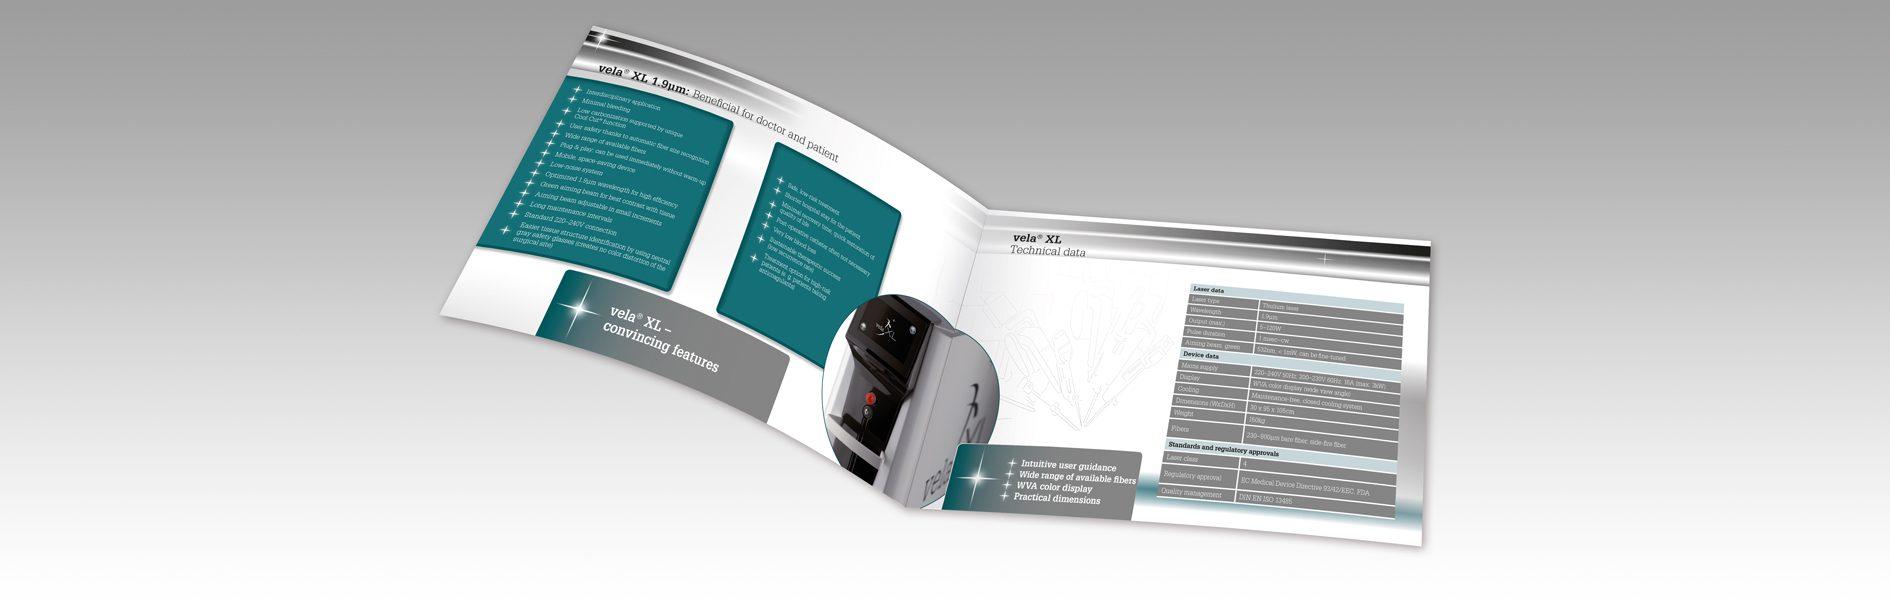 Hier ist eine Innenseite der StarMedTec Produktbroschüre Vela XL abgebildet.